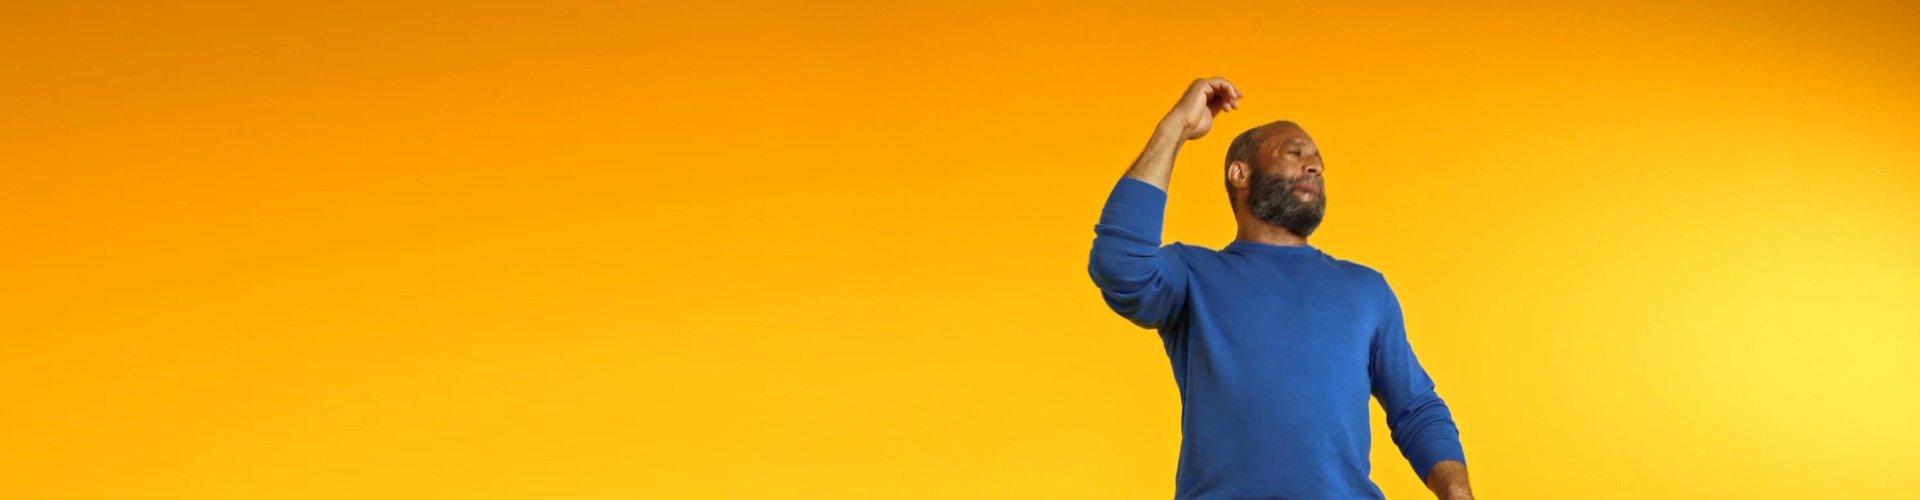 男士配戴著飛利浦助聽器,享受著能夠聆聽音樂以及與所愛的人互動.